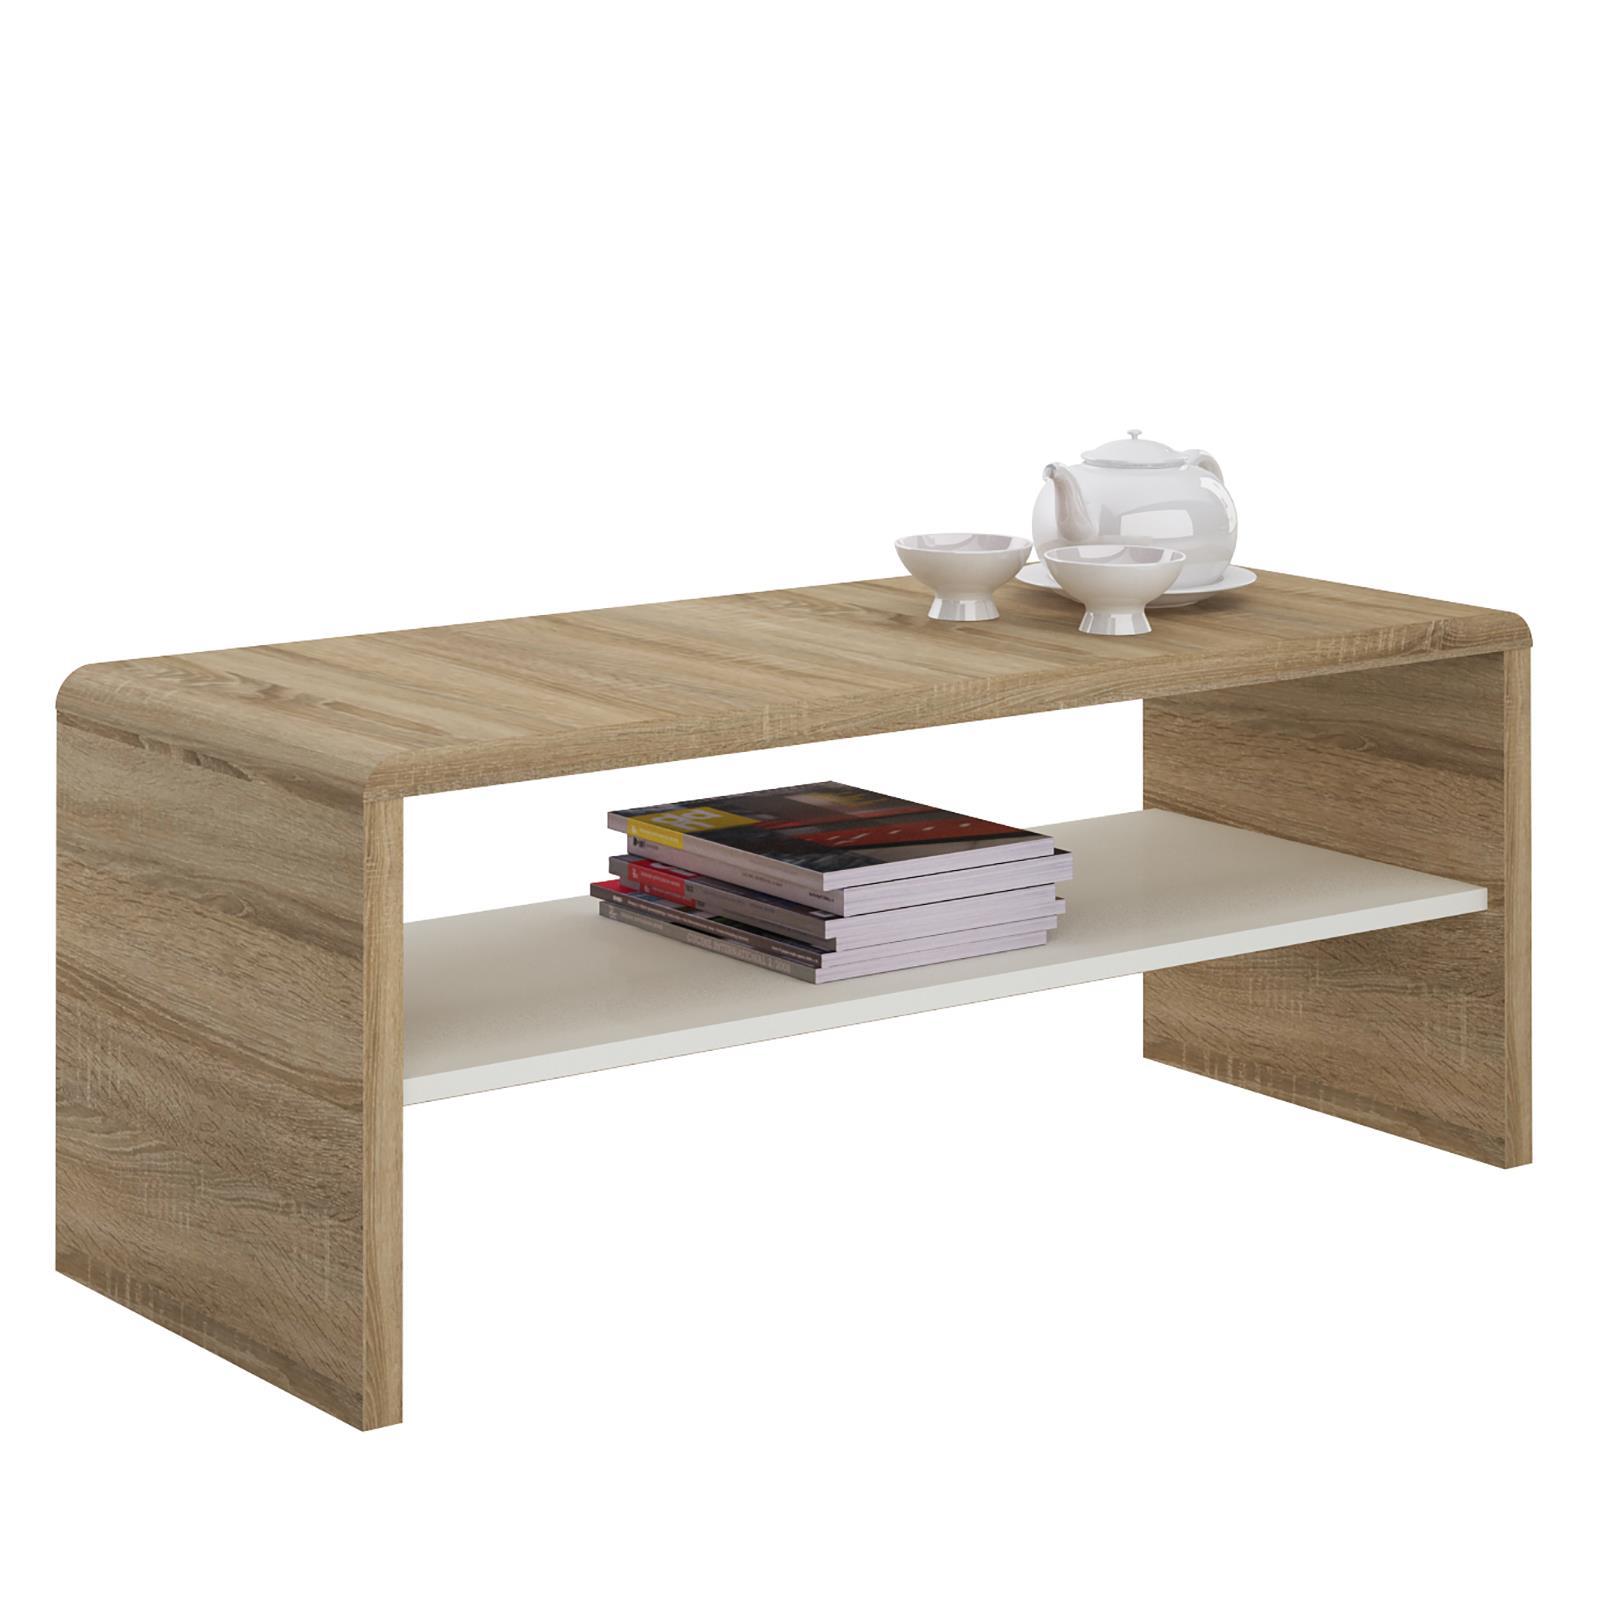 Meuble tv table basse noelle d cor ch ne sonoma et blanc for Table basse sonoma